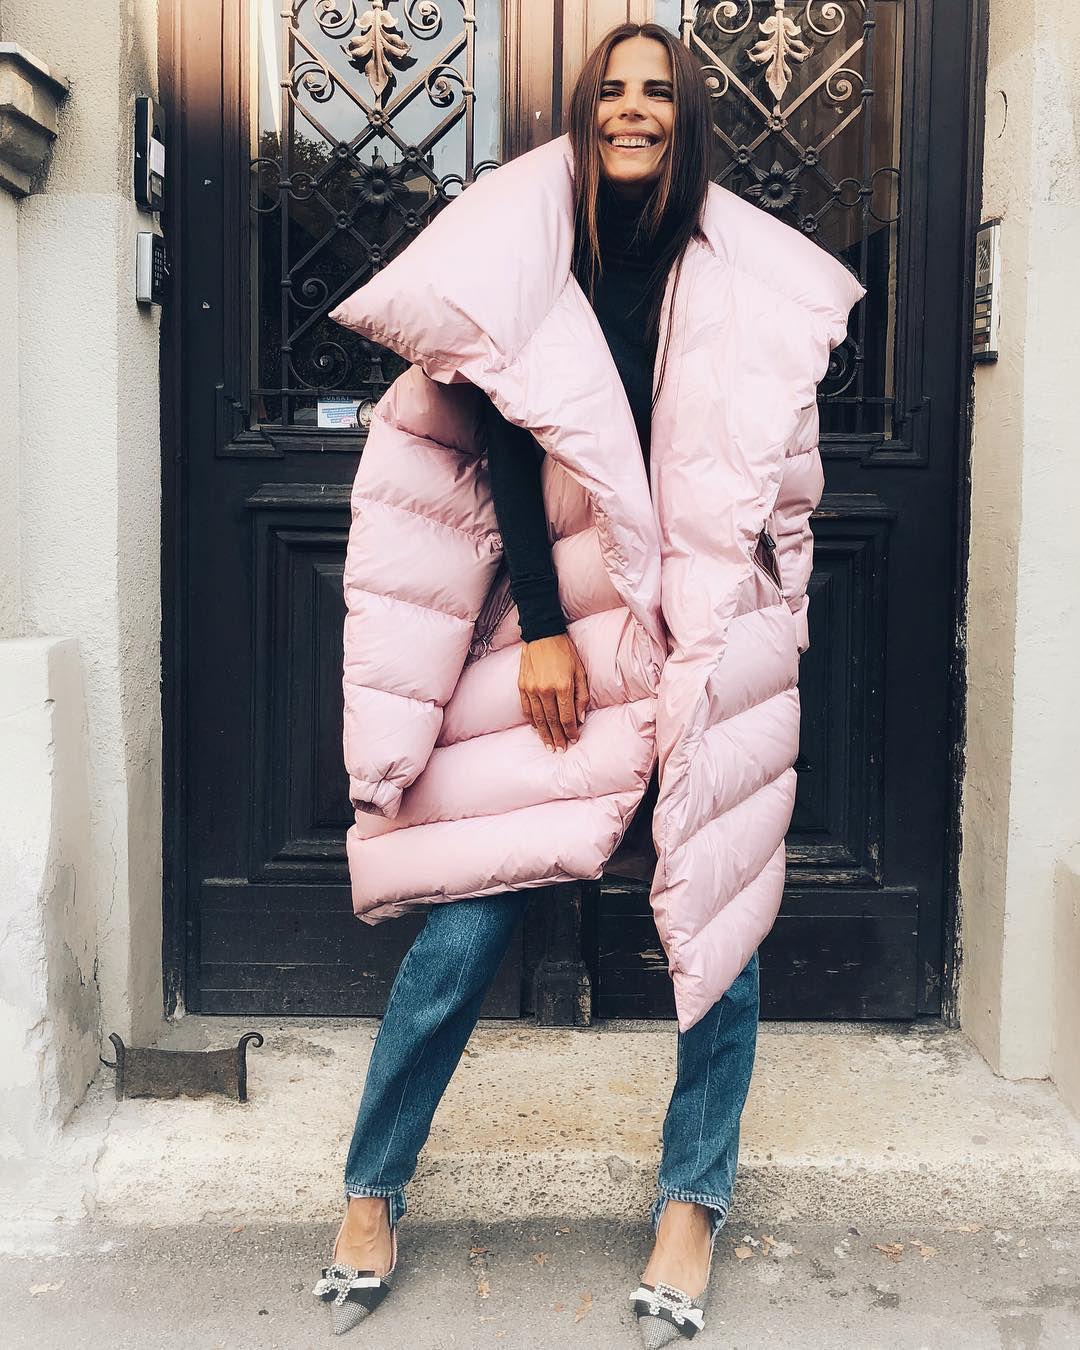 Naša prezgodna manekenka pokazala hrabar zimski outfit i jaknu kakvu nikad nismo vidjeli!